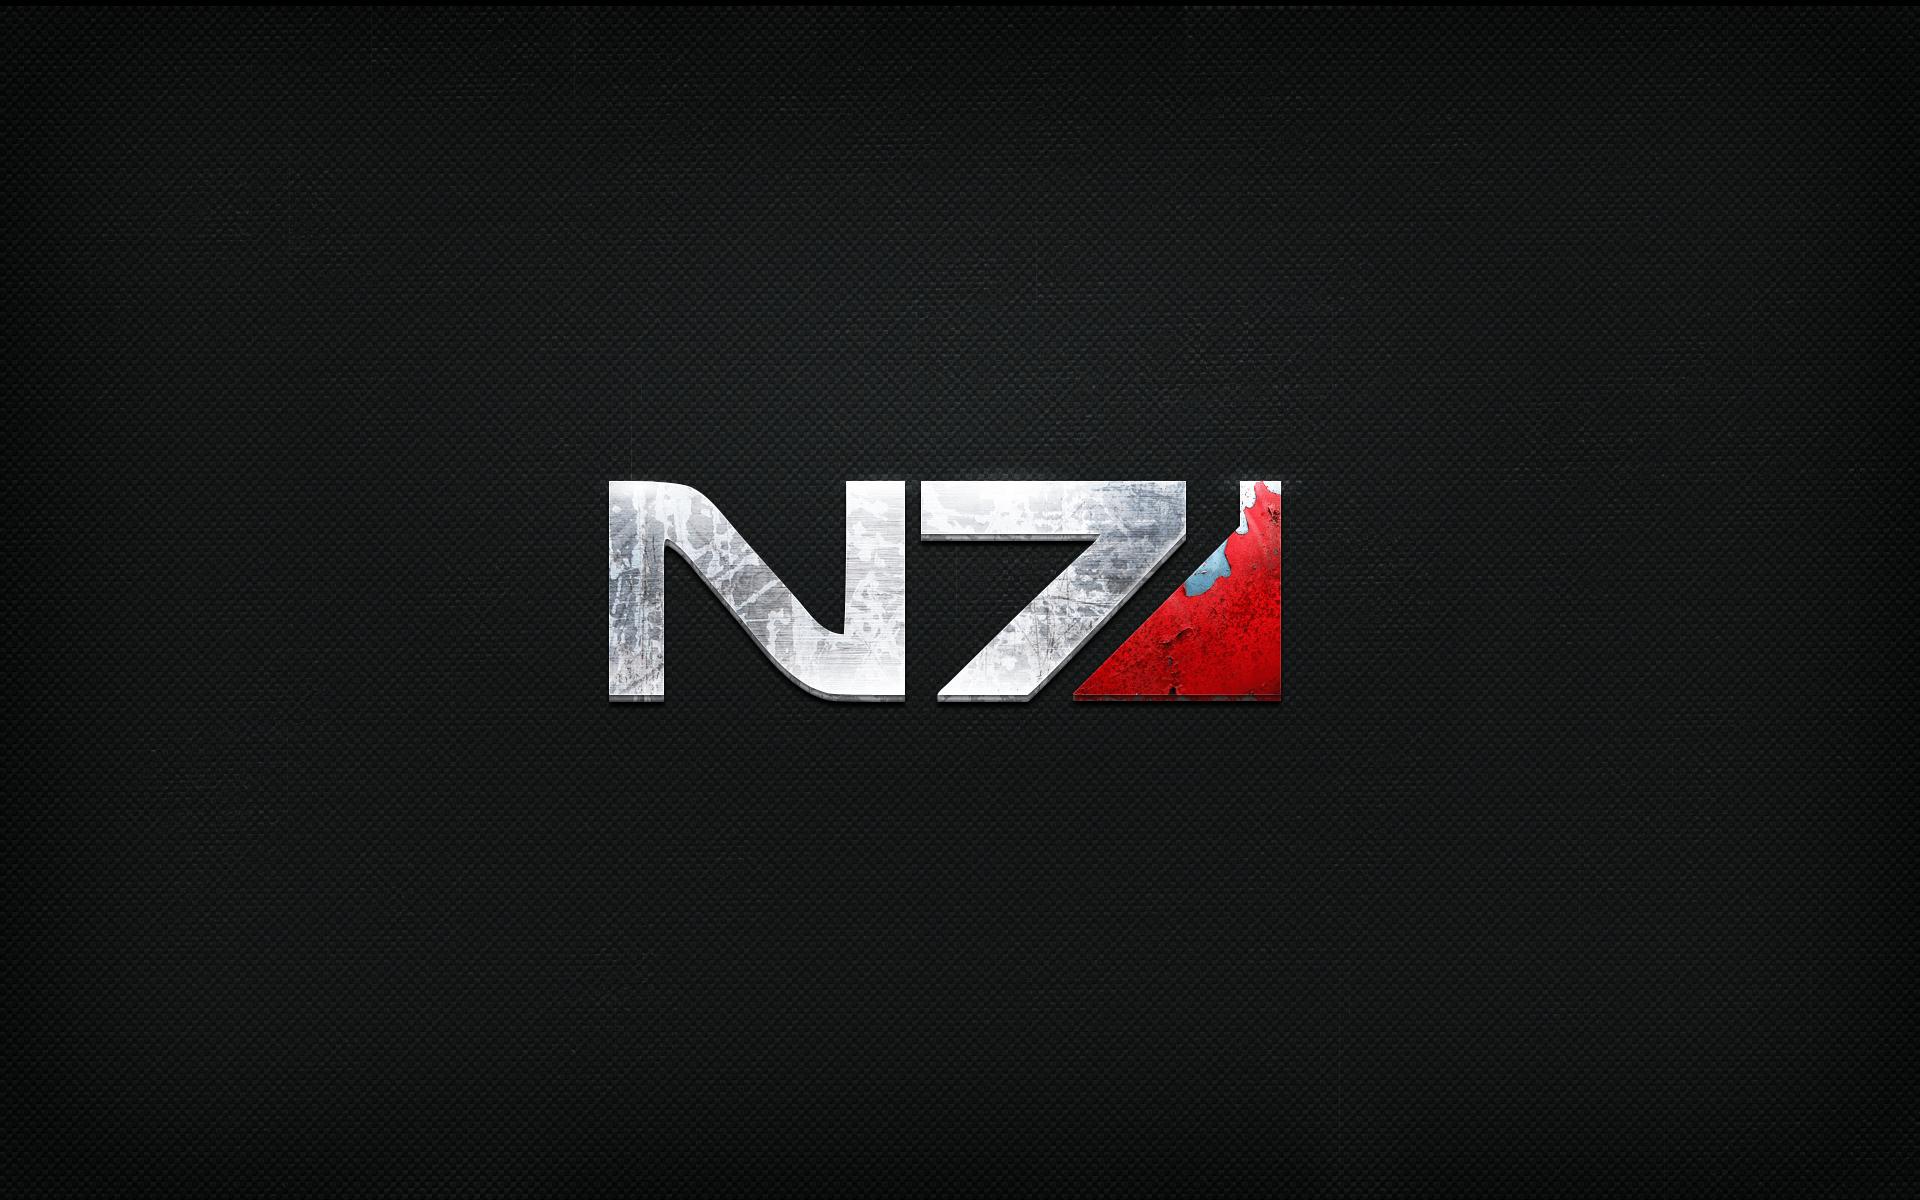 Mass Effect Logo Wallpapers - Wallpaper Cave